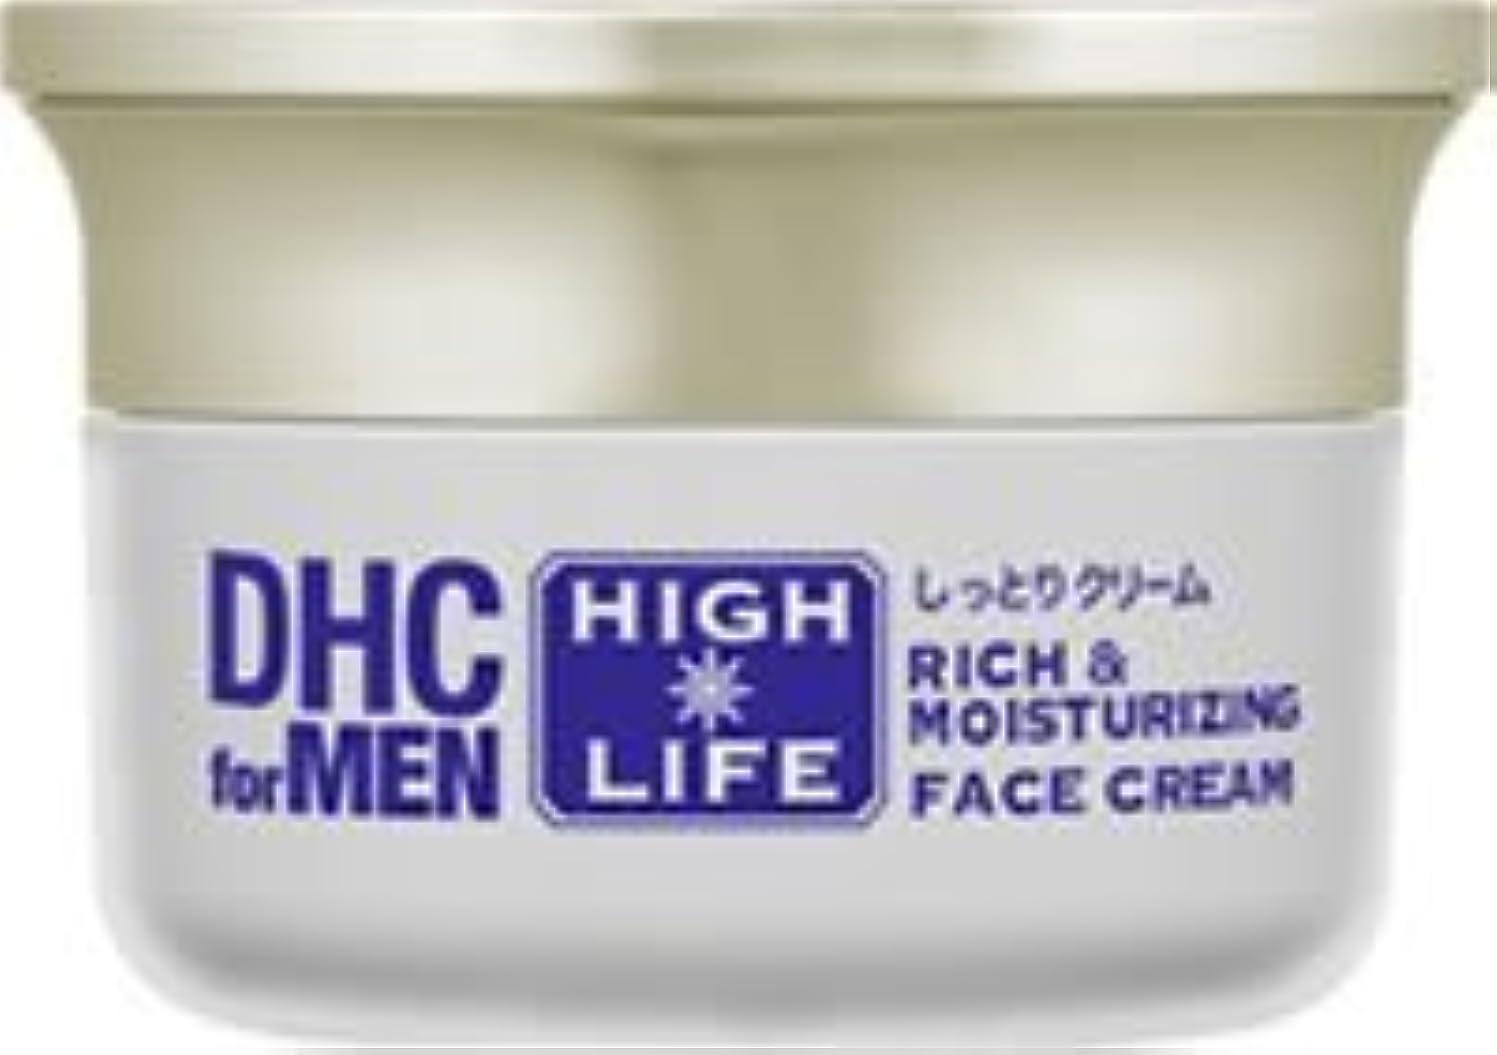 難民海上走るDHCリッチ&モイスチュア フェースクリーム【DHC for MEN ハイライフ】